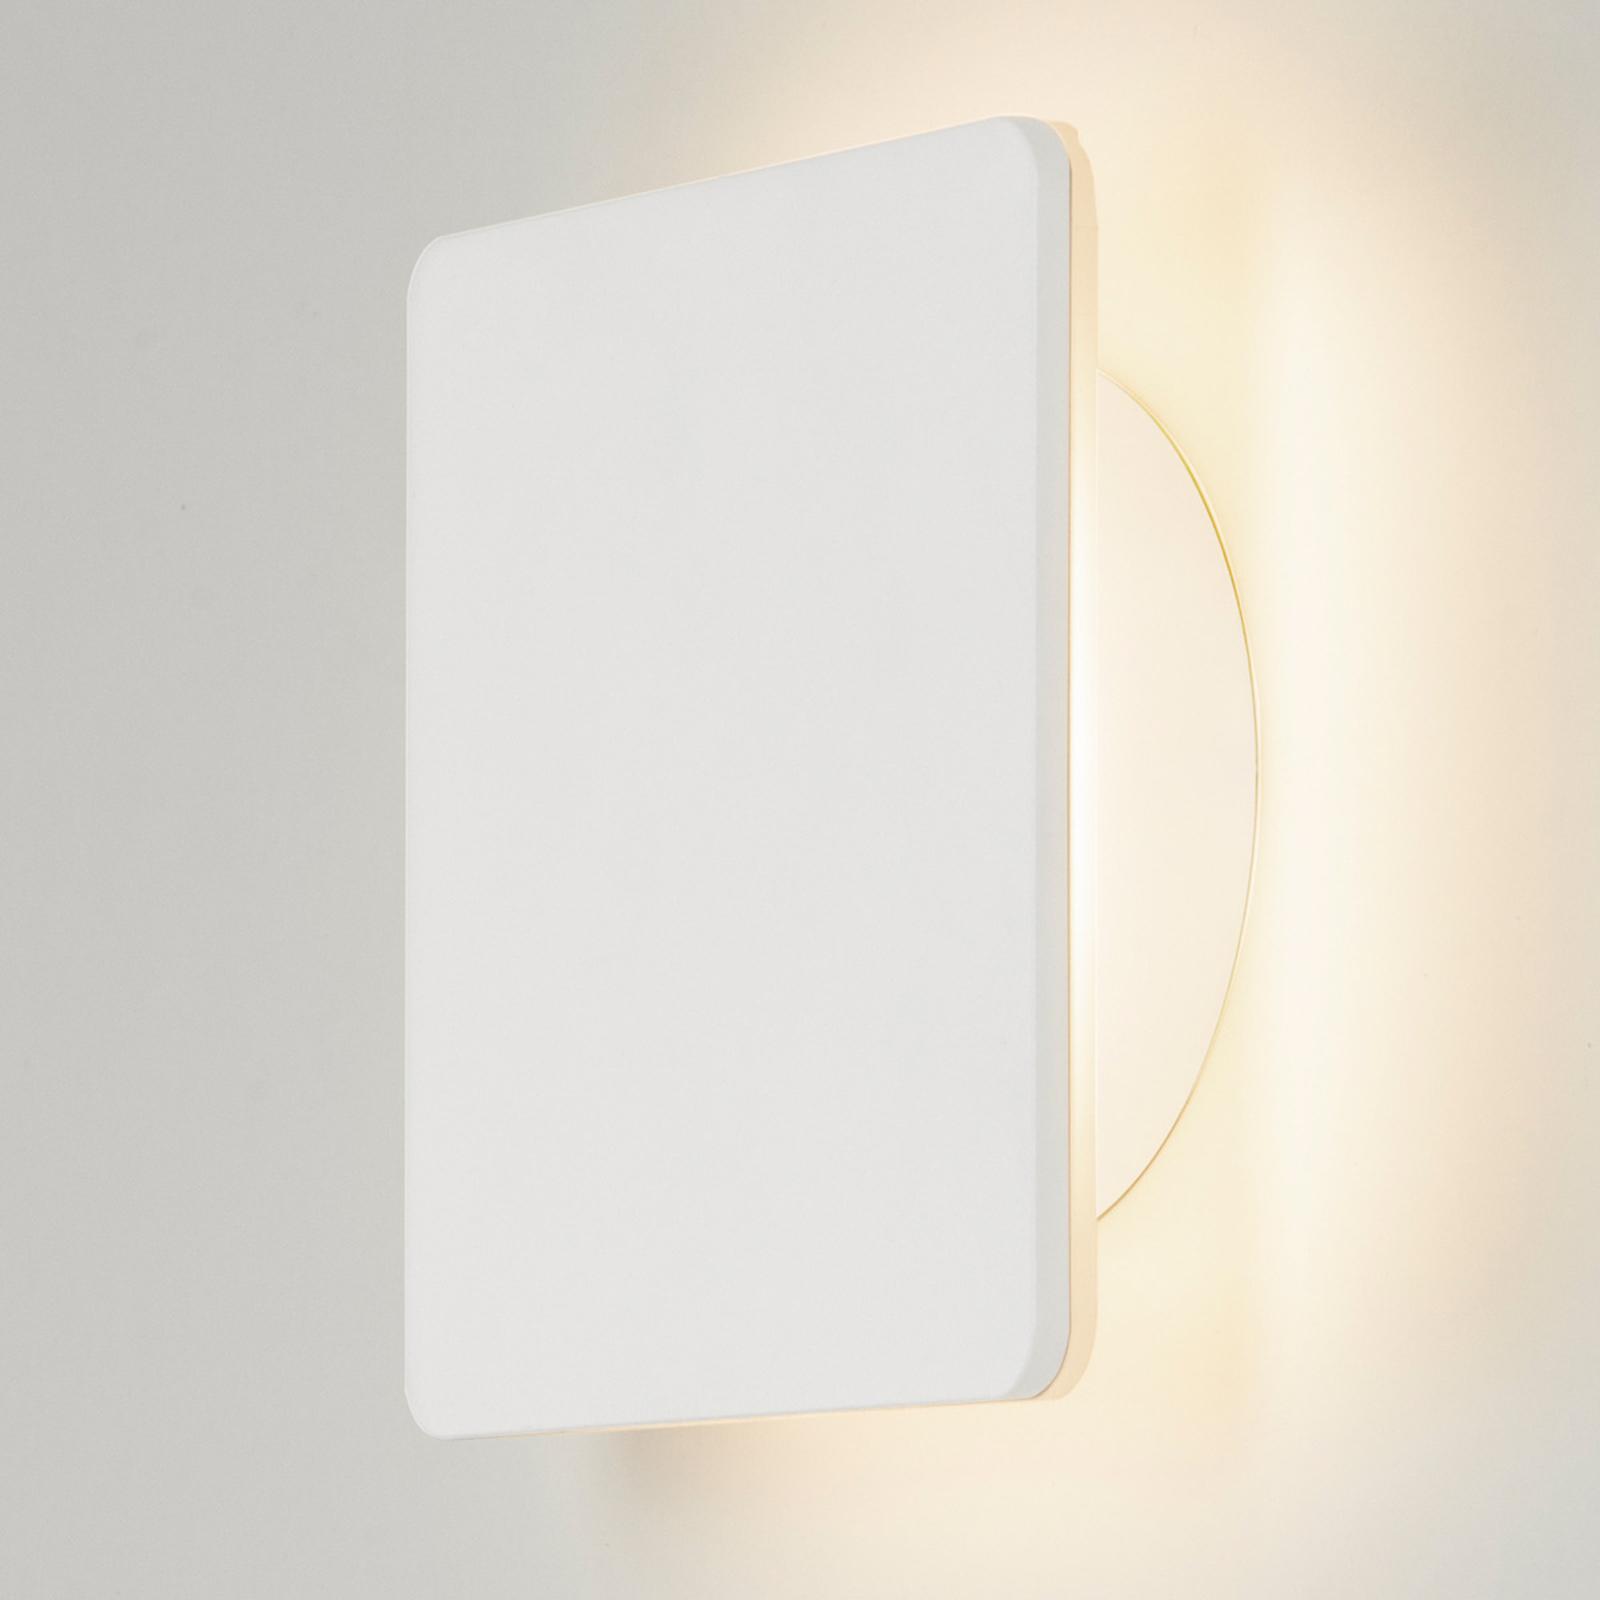 BRUMBERG 10095 LED-Wandleuchte weiß